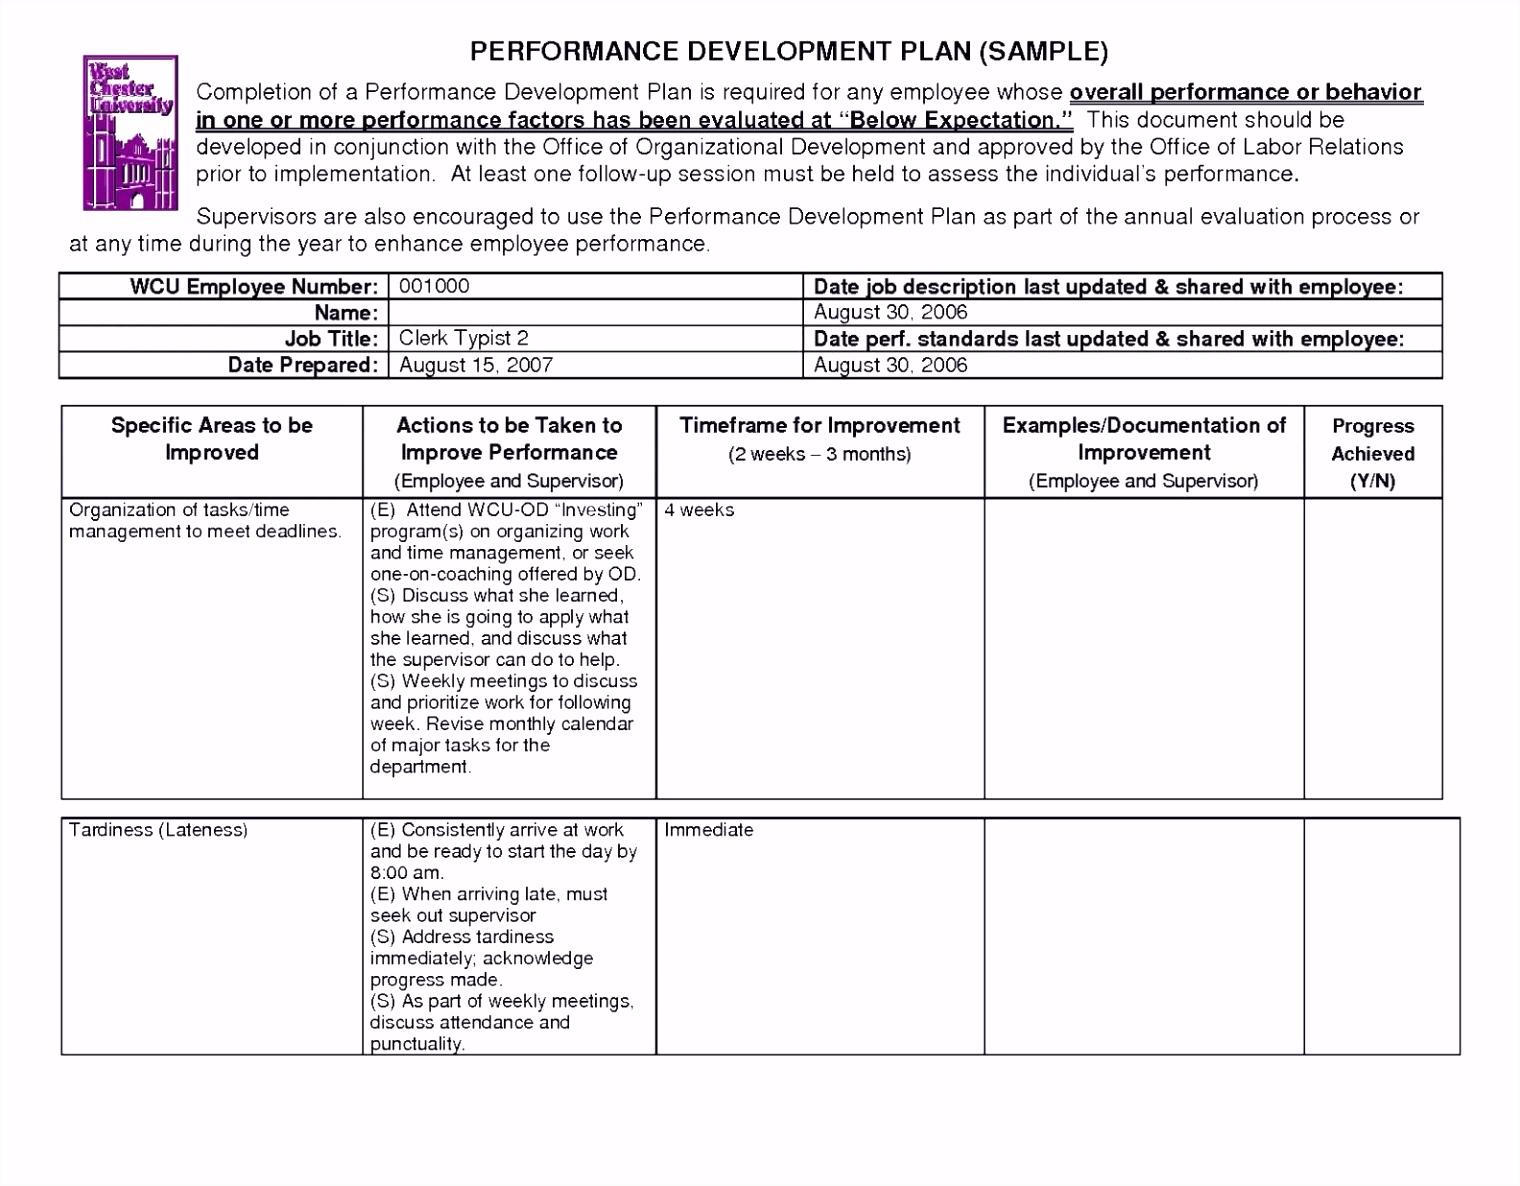 Vorlage Zur Dokumentation Der Taglichen Arbeitszeit Muster 36 überzeugend Vorlage Zur Dokumentation Der Täglichen Arbeitszeit Z2mg26cnd3 G6ui0uznx6